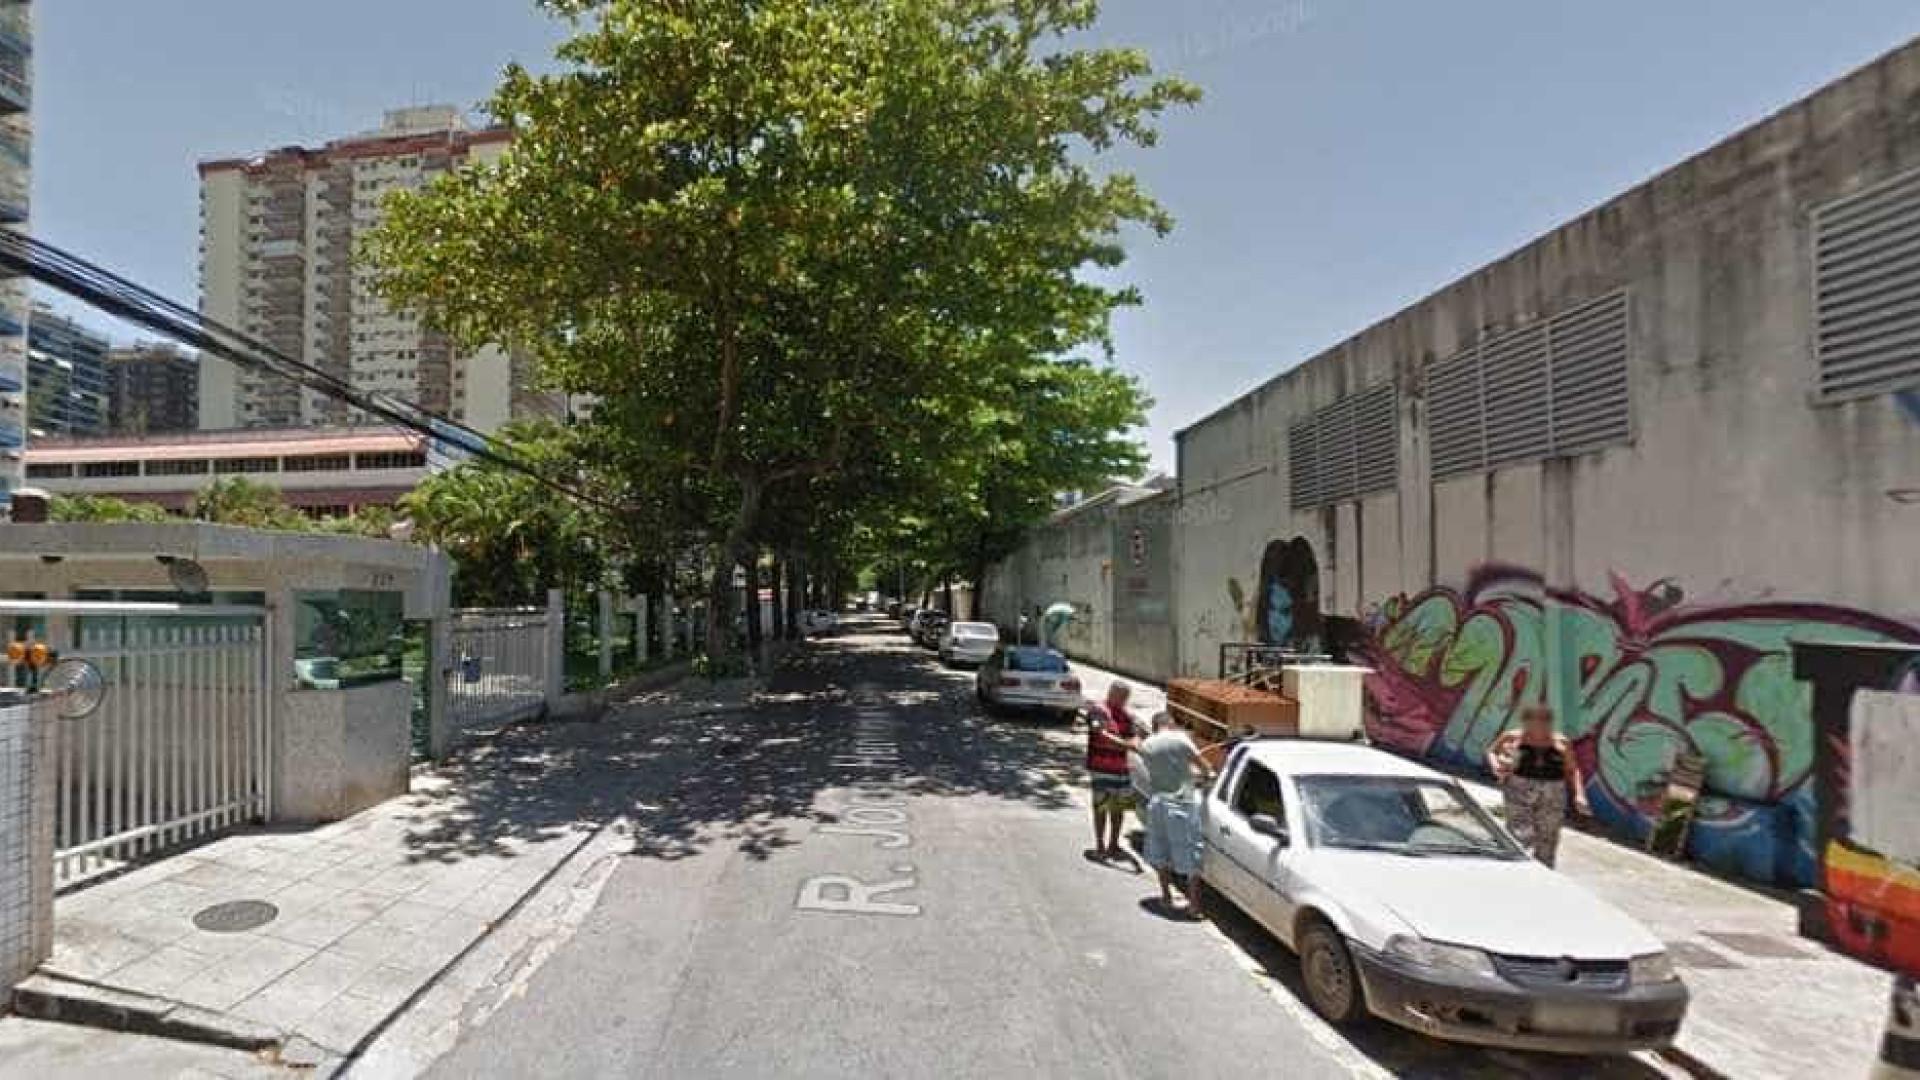 Dupla é presa roubando moto na Barra da Tijuca